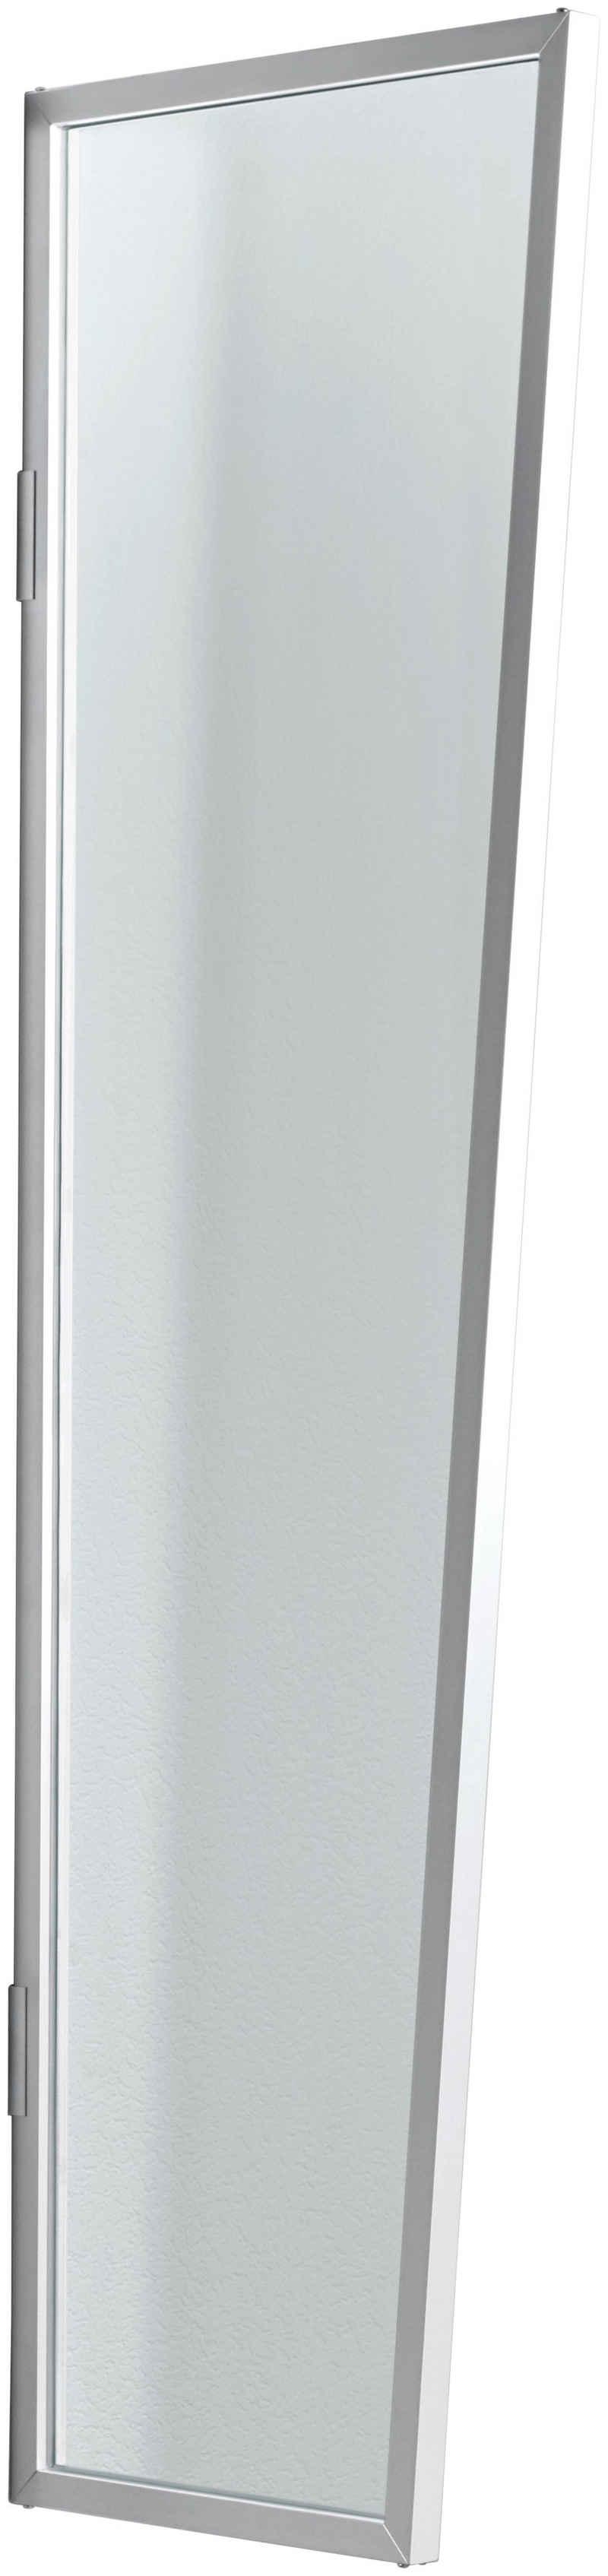 GUTTA Seitenblende »B1 Acryl«, TxH: 45-60x200 cm